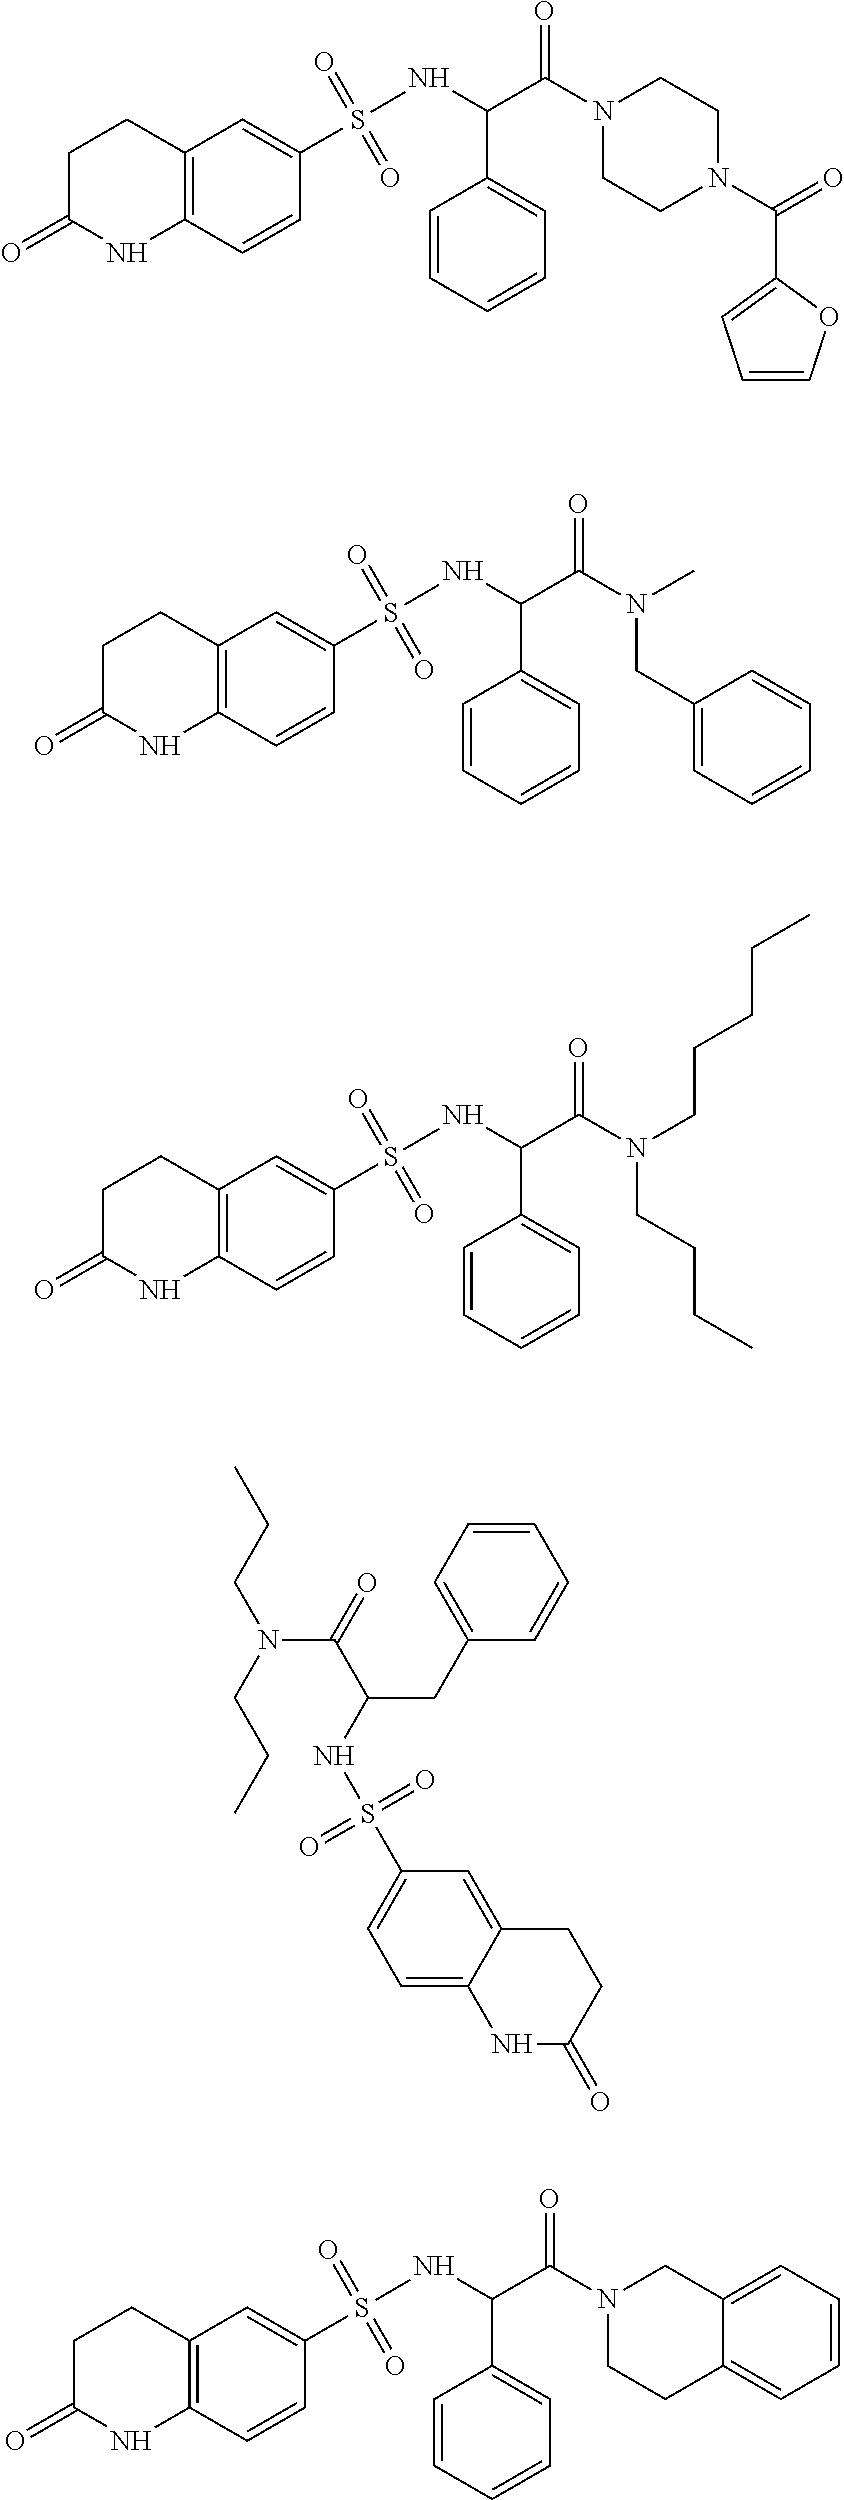 Figure US08957075-20150217-C00105